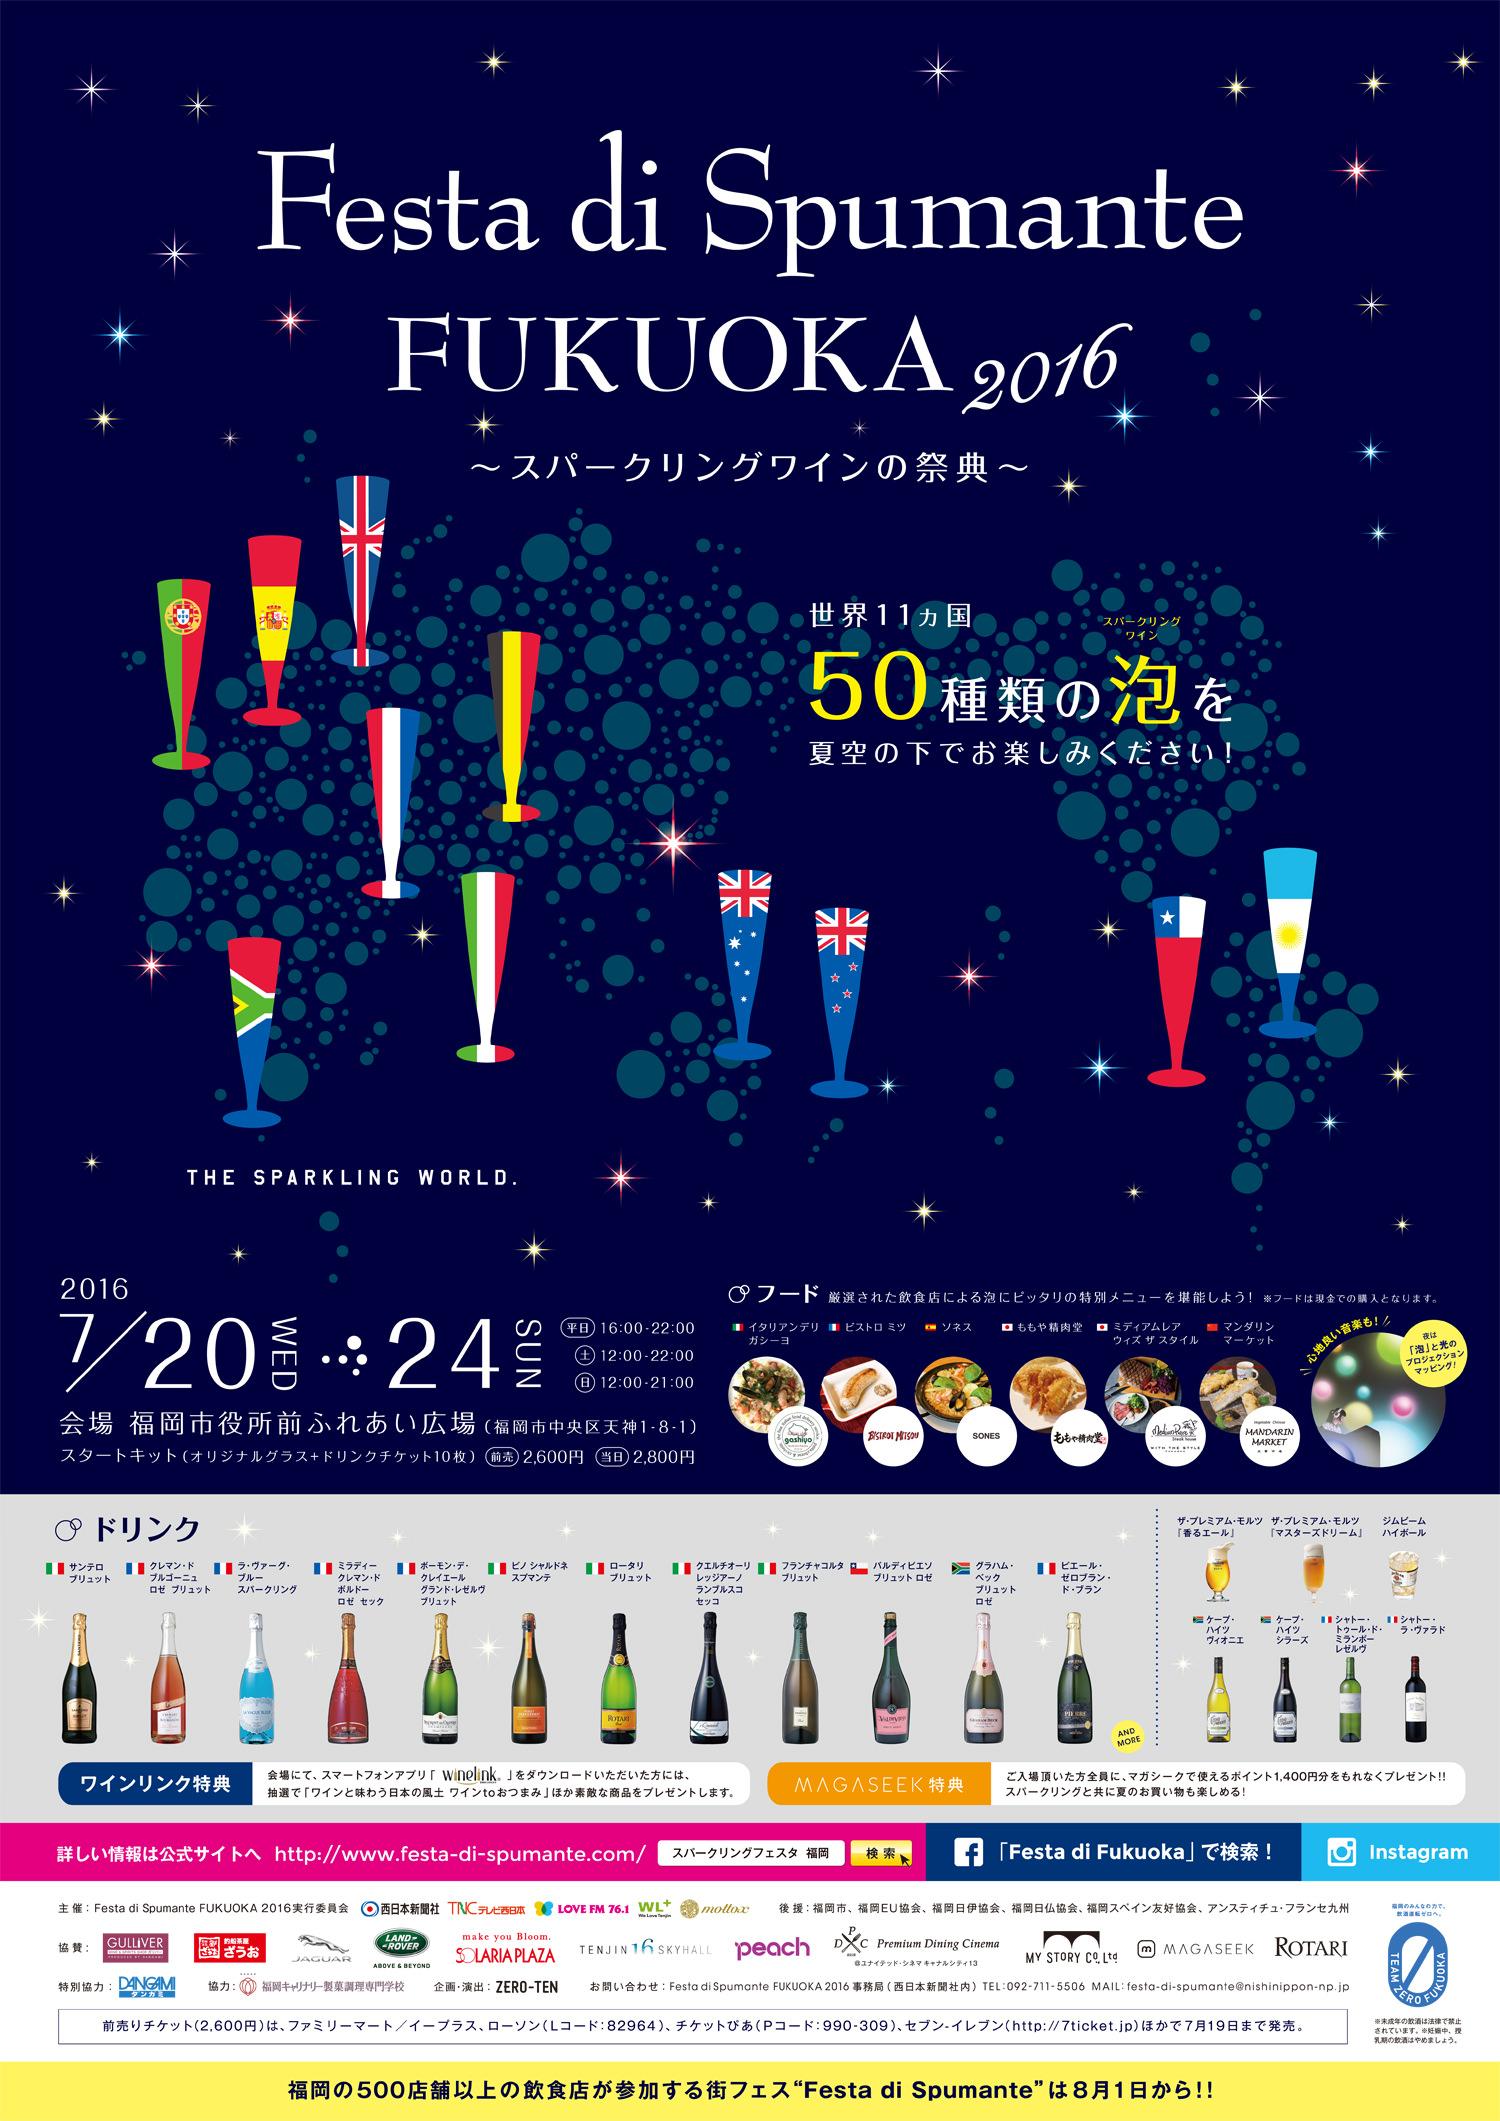 スパークリングワインの祭典「Festa di Spumante」企画・演出・広報物デザイン・PR